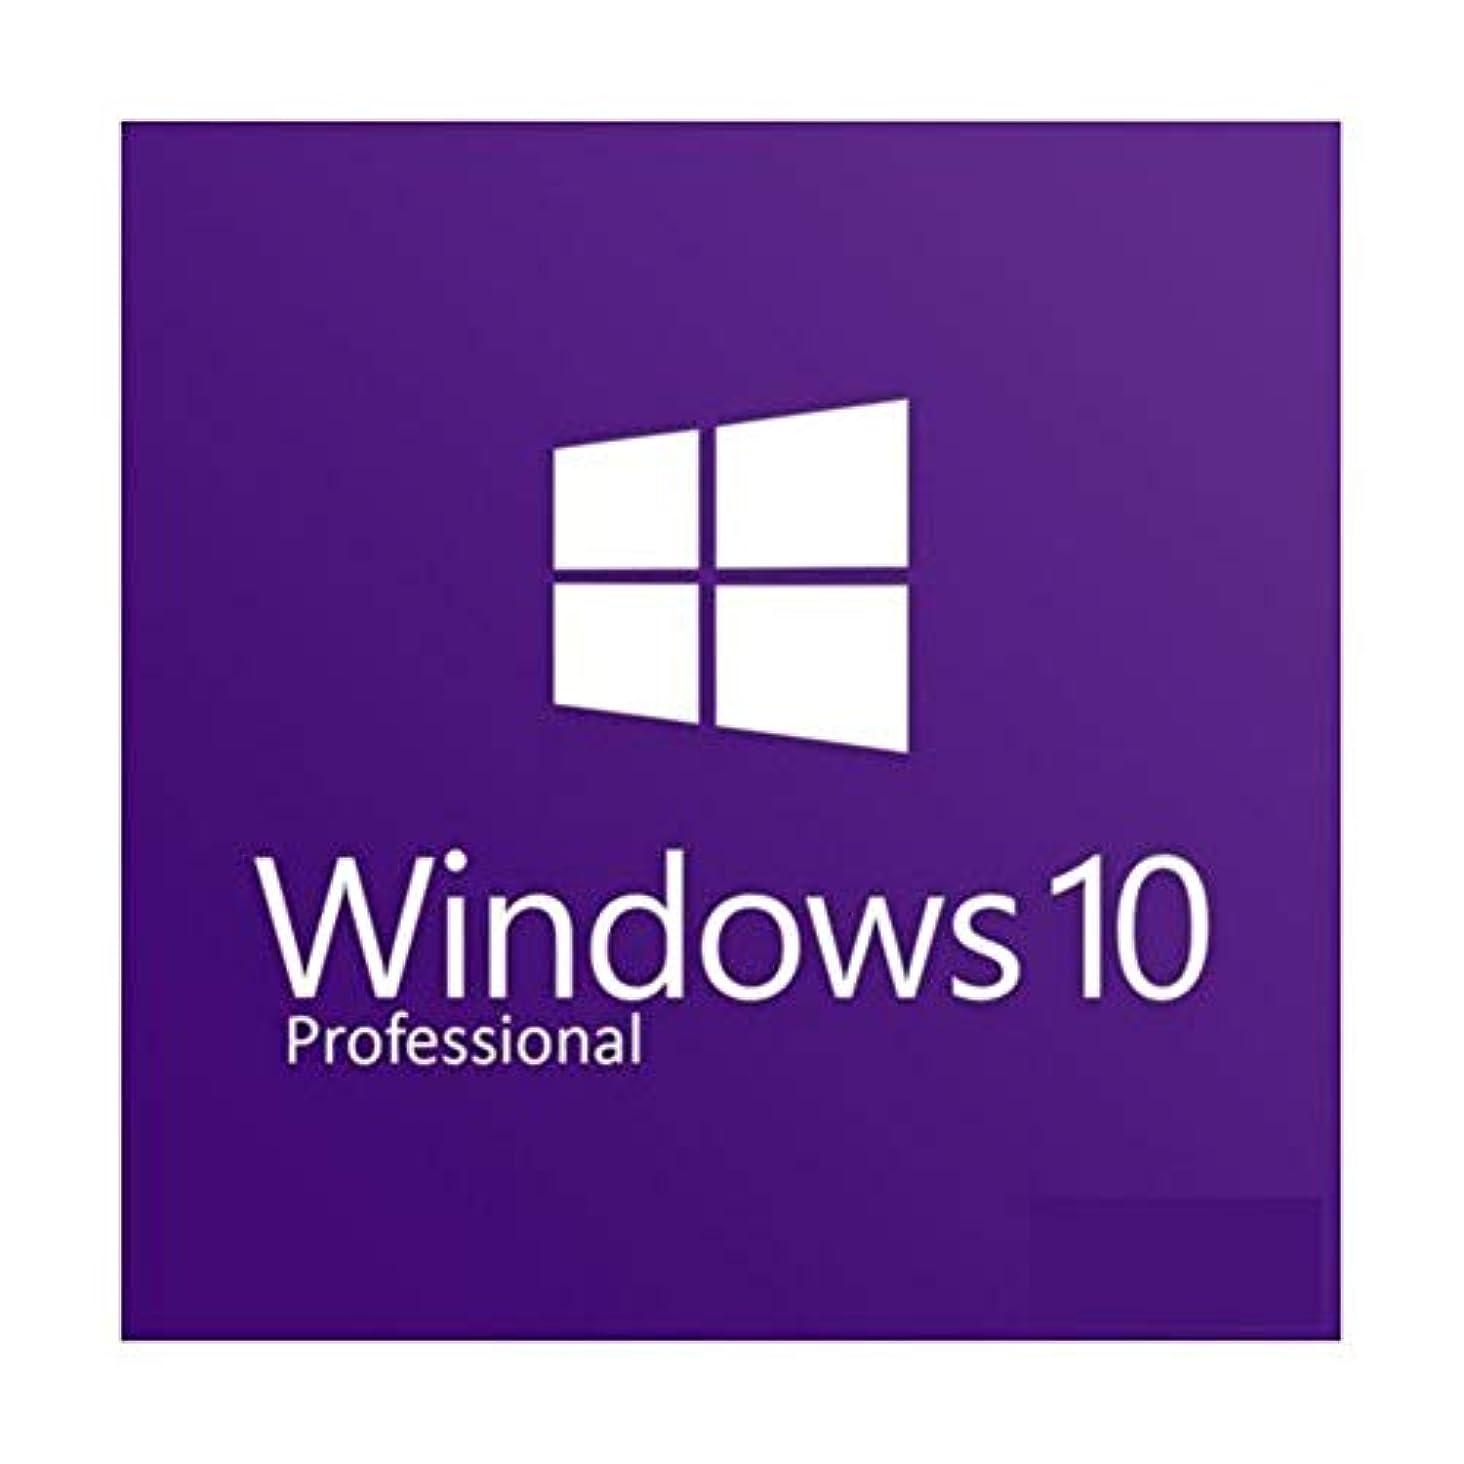 蚊レジデンス苦しめるWindows 10 Pro 1PC ダウンロード版 日本語正規 32bit/64bit プロダクトキー インストール完了までサポート オンライン認証保証